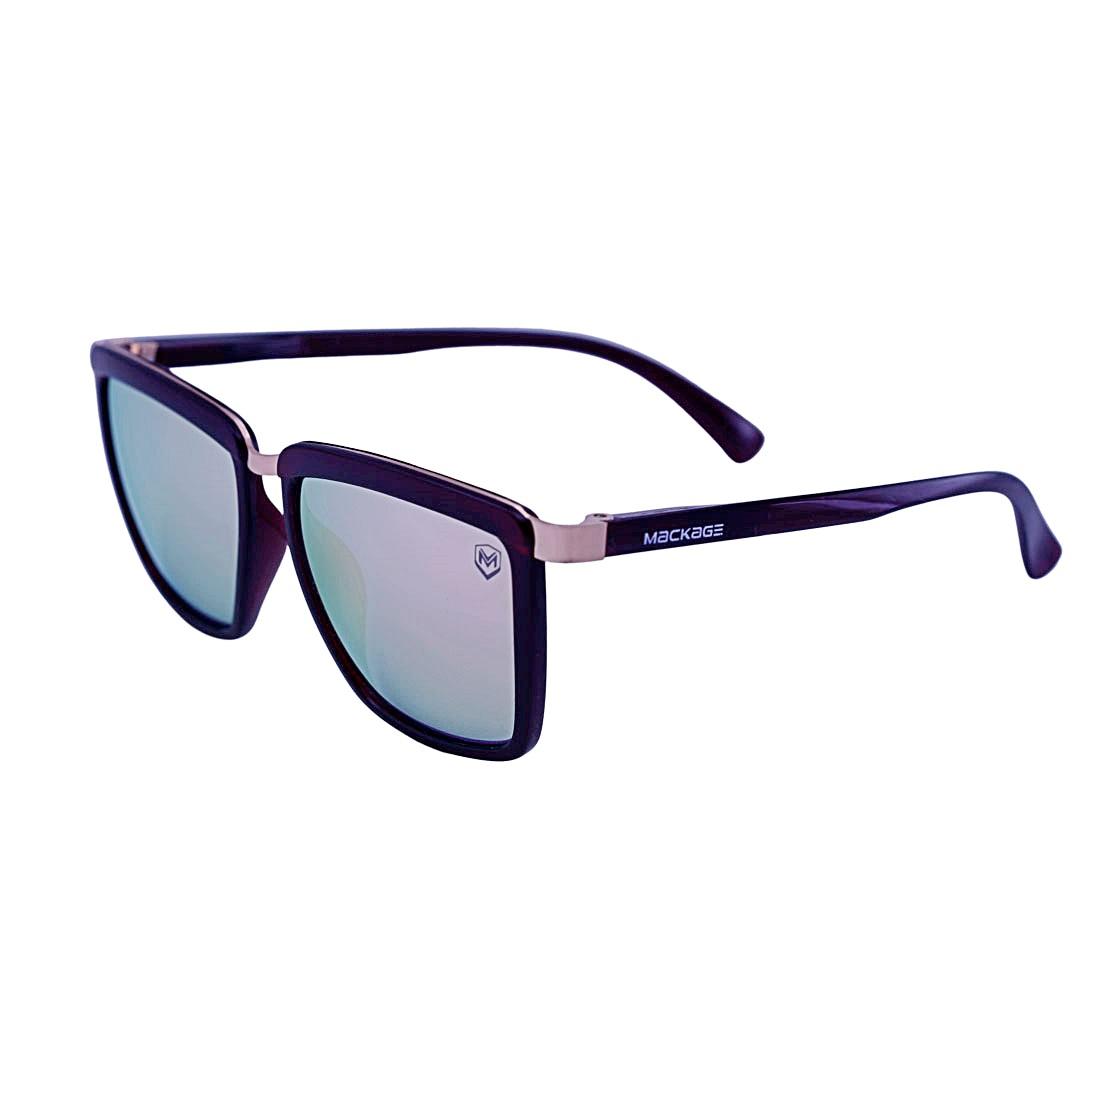 Óculos Sol Mackage Unissex Acetato Retangular